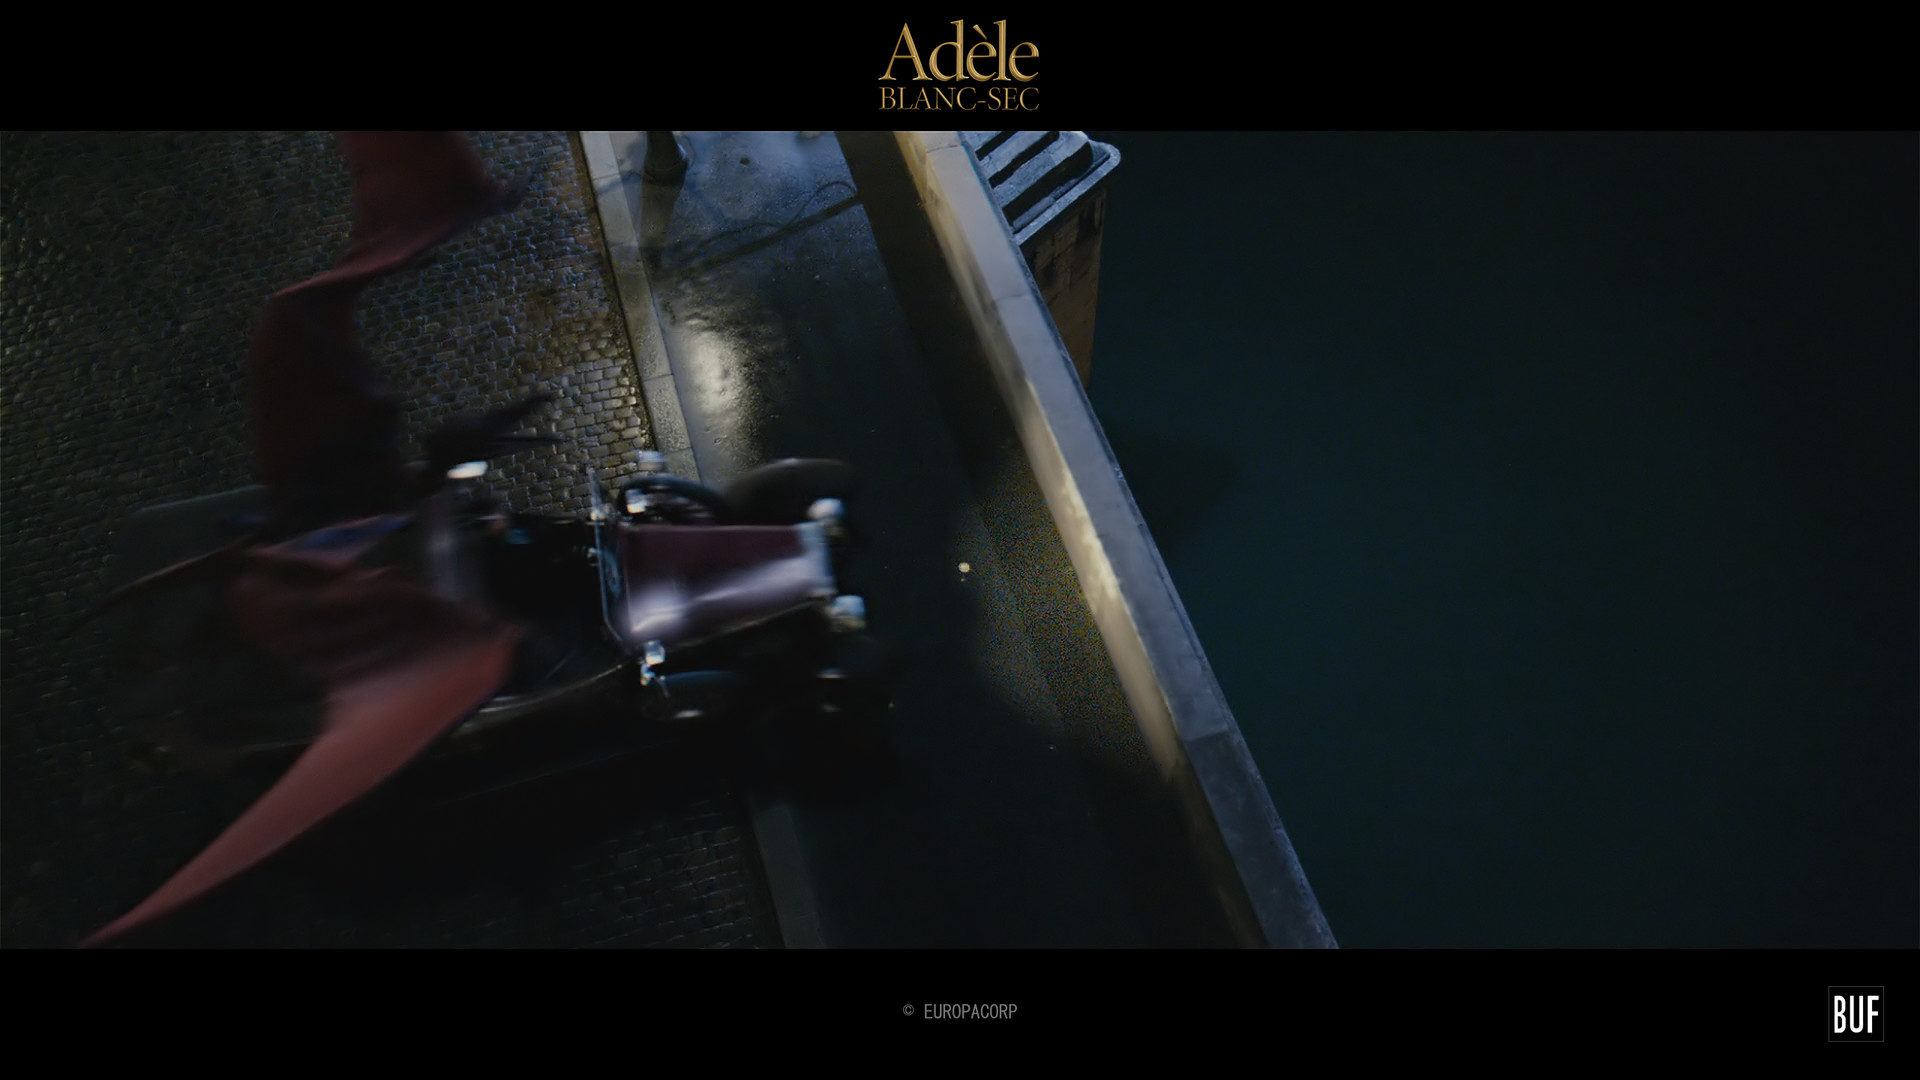 Nicolas boulaire seq dino bridge attack 006